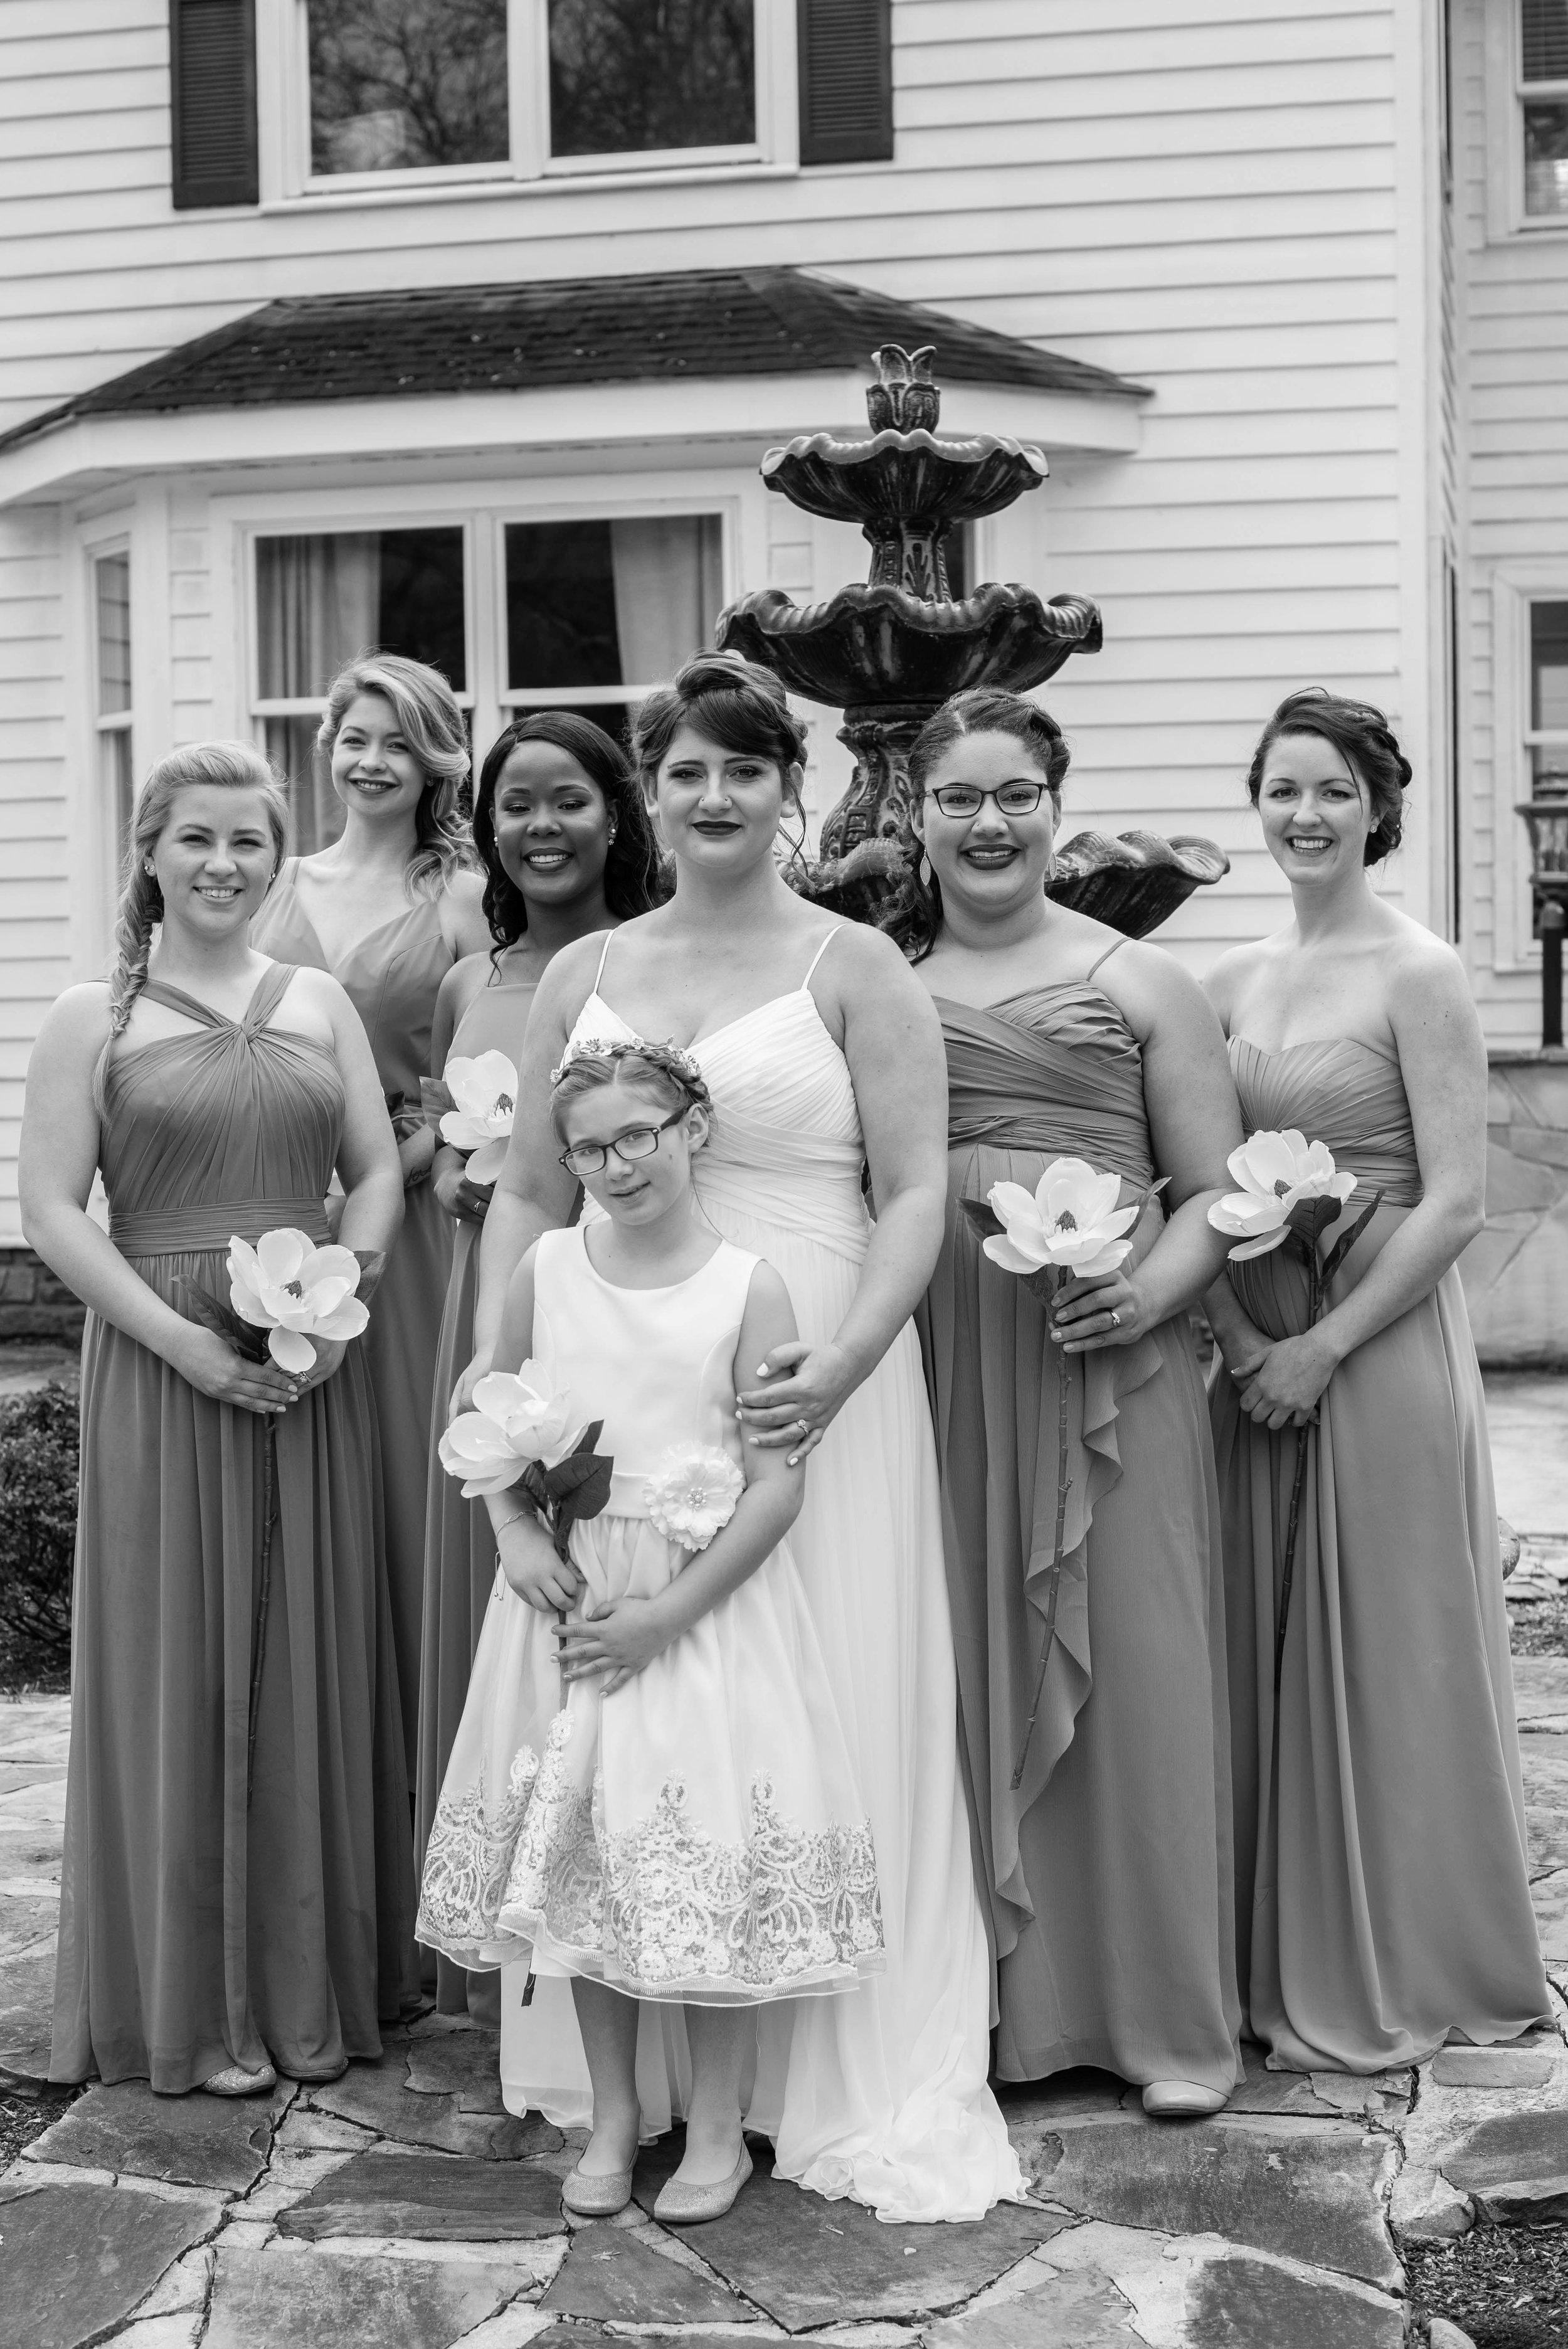 weddingpartyb&w-007.jpg